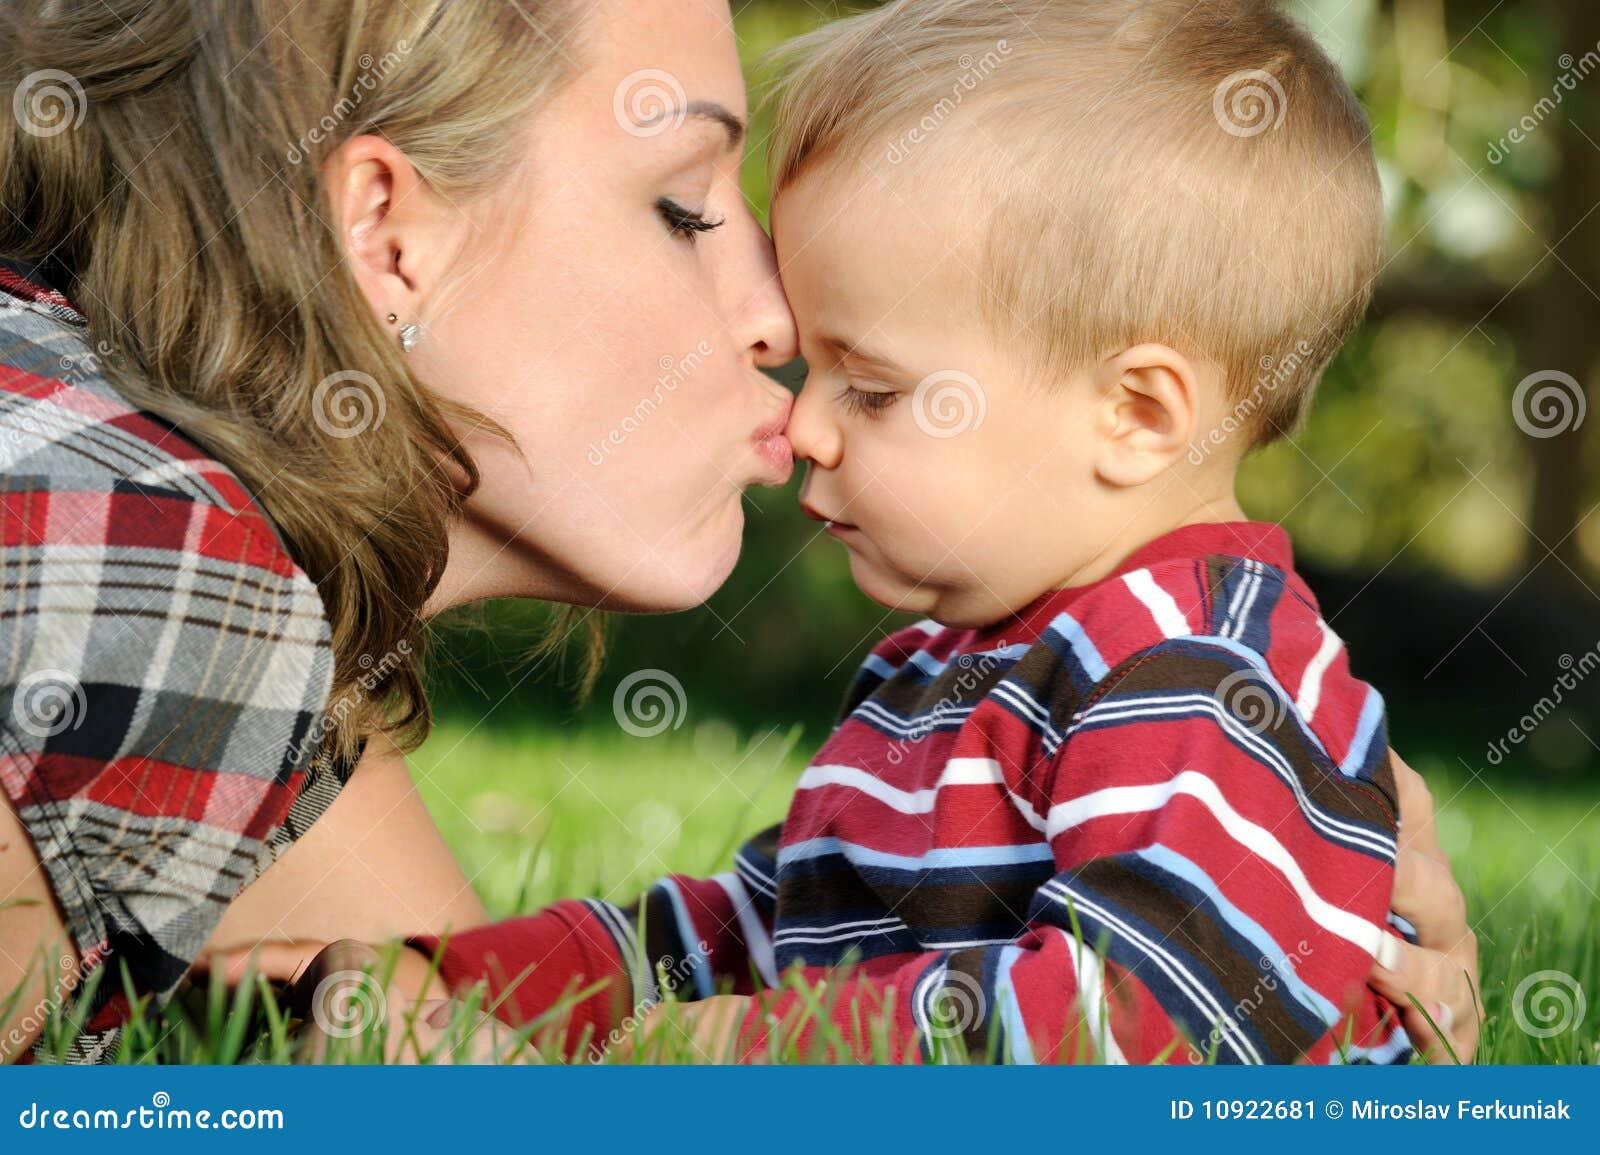 Сын чмокнул свою мать, Сын ебёт маму -видео. Смотреть сын ебёт маму 18 фотография